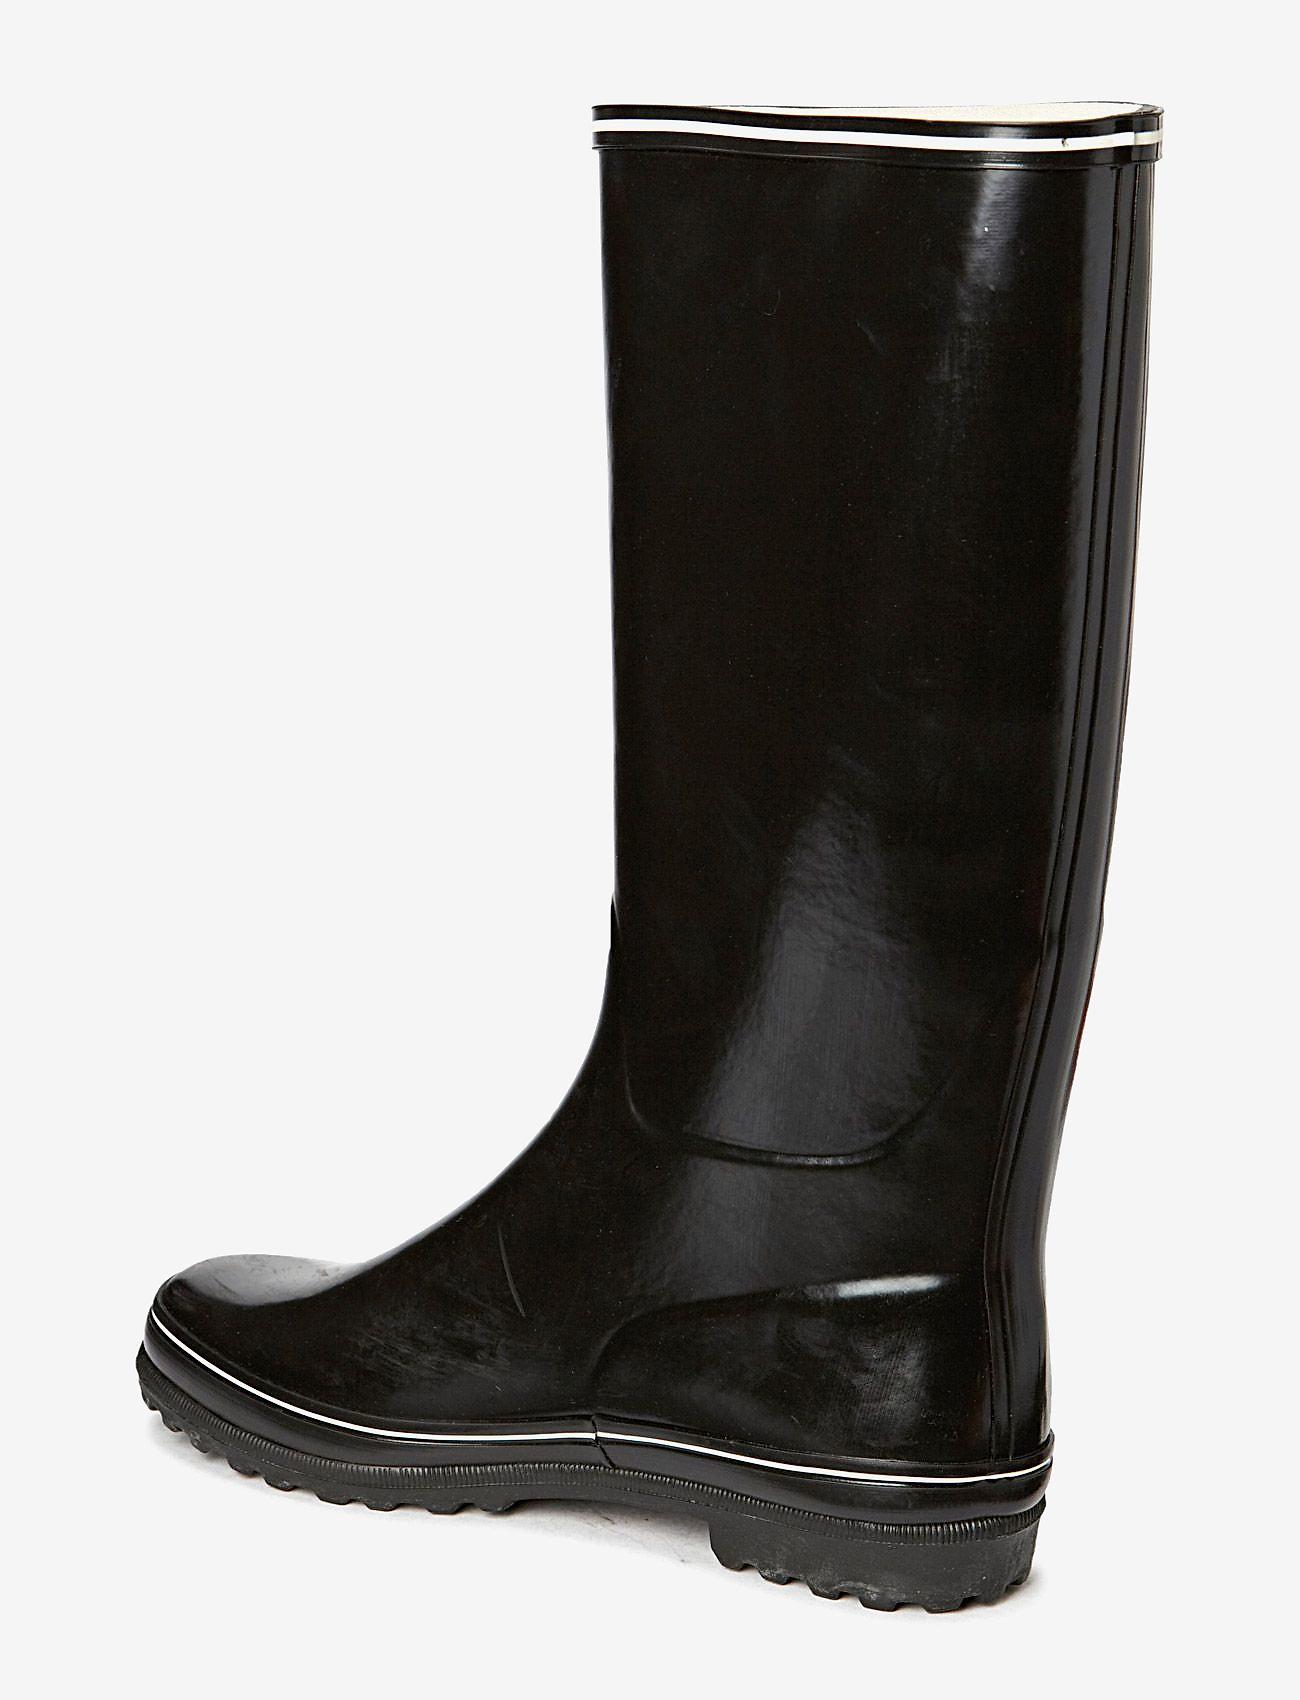 Aigle - VENISE - schoenen - noir - 1